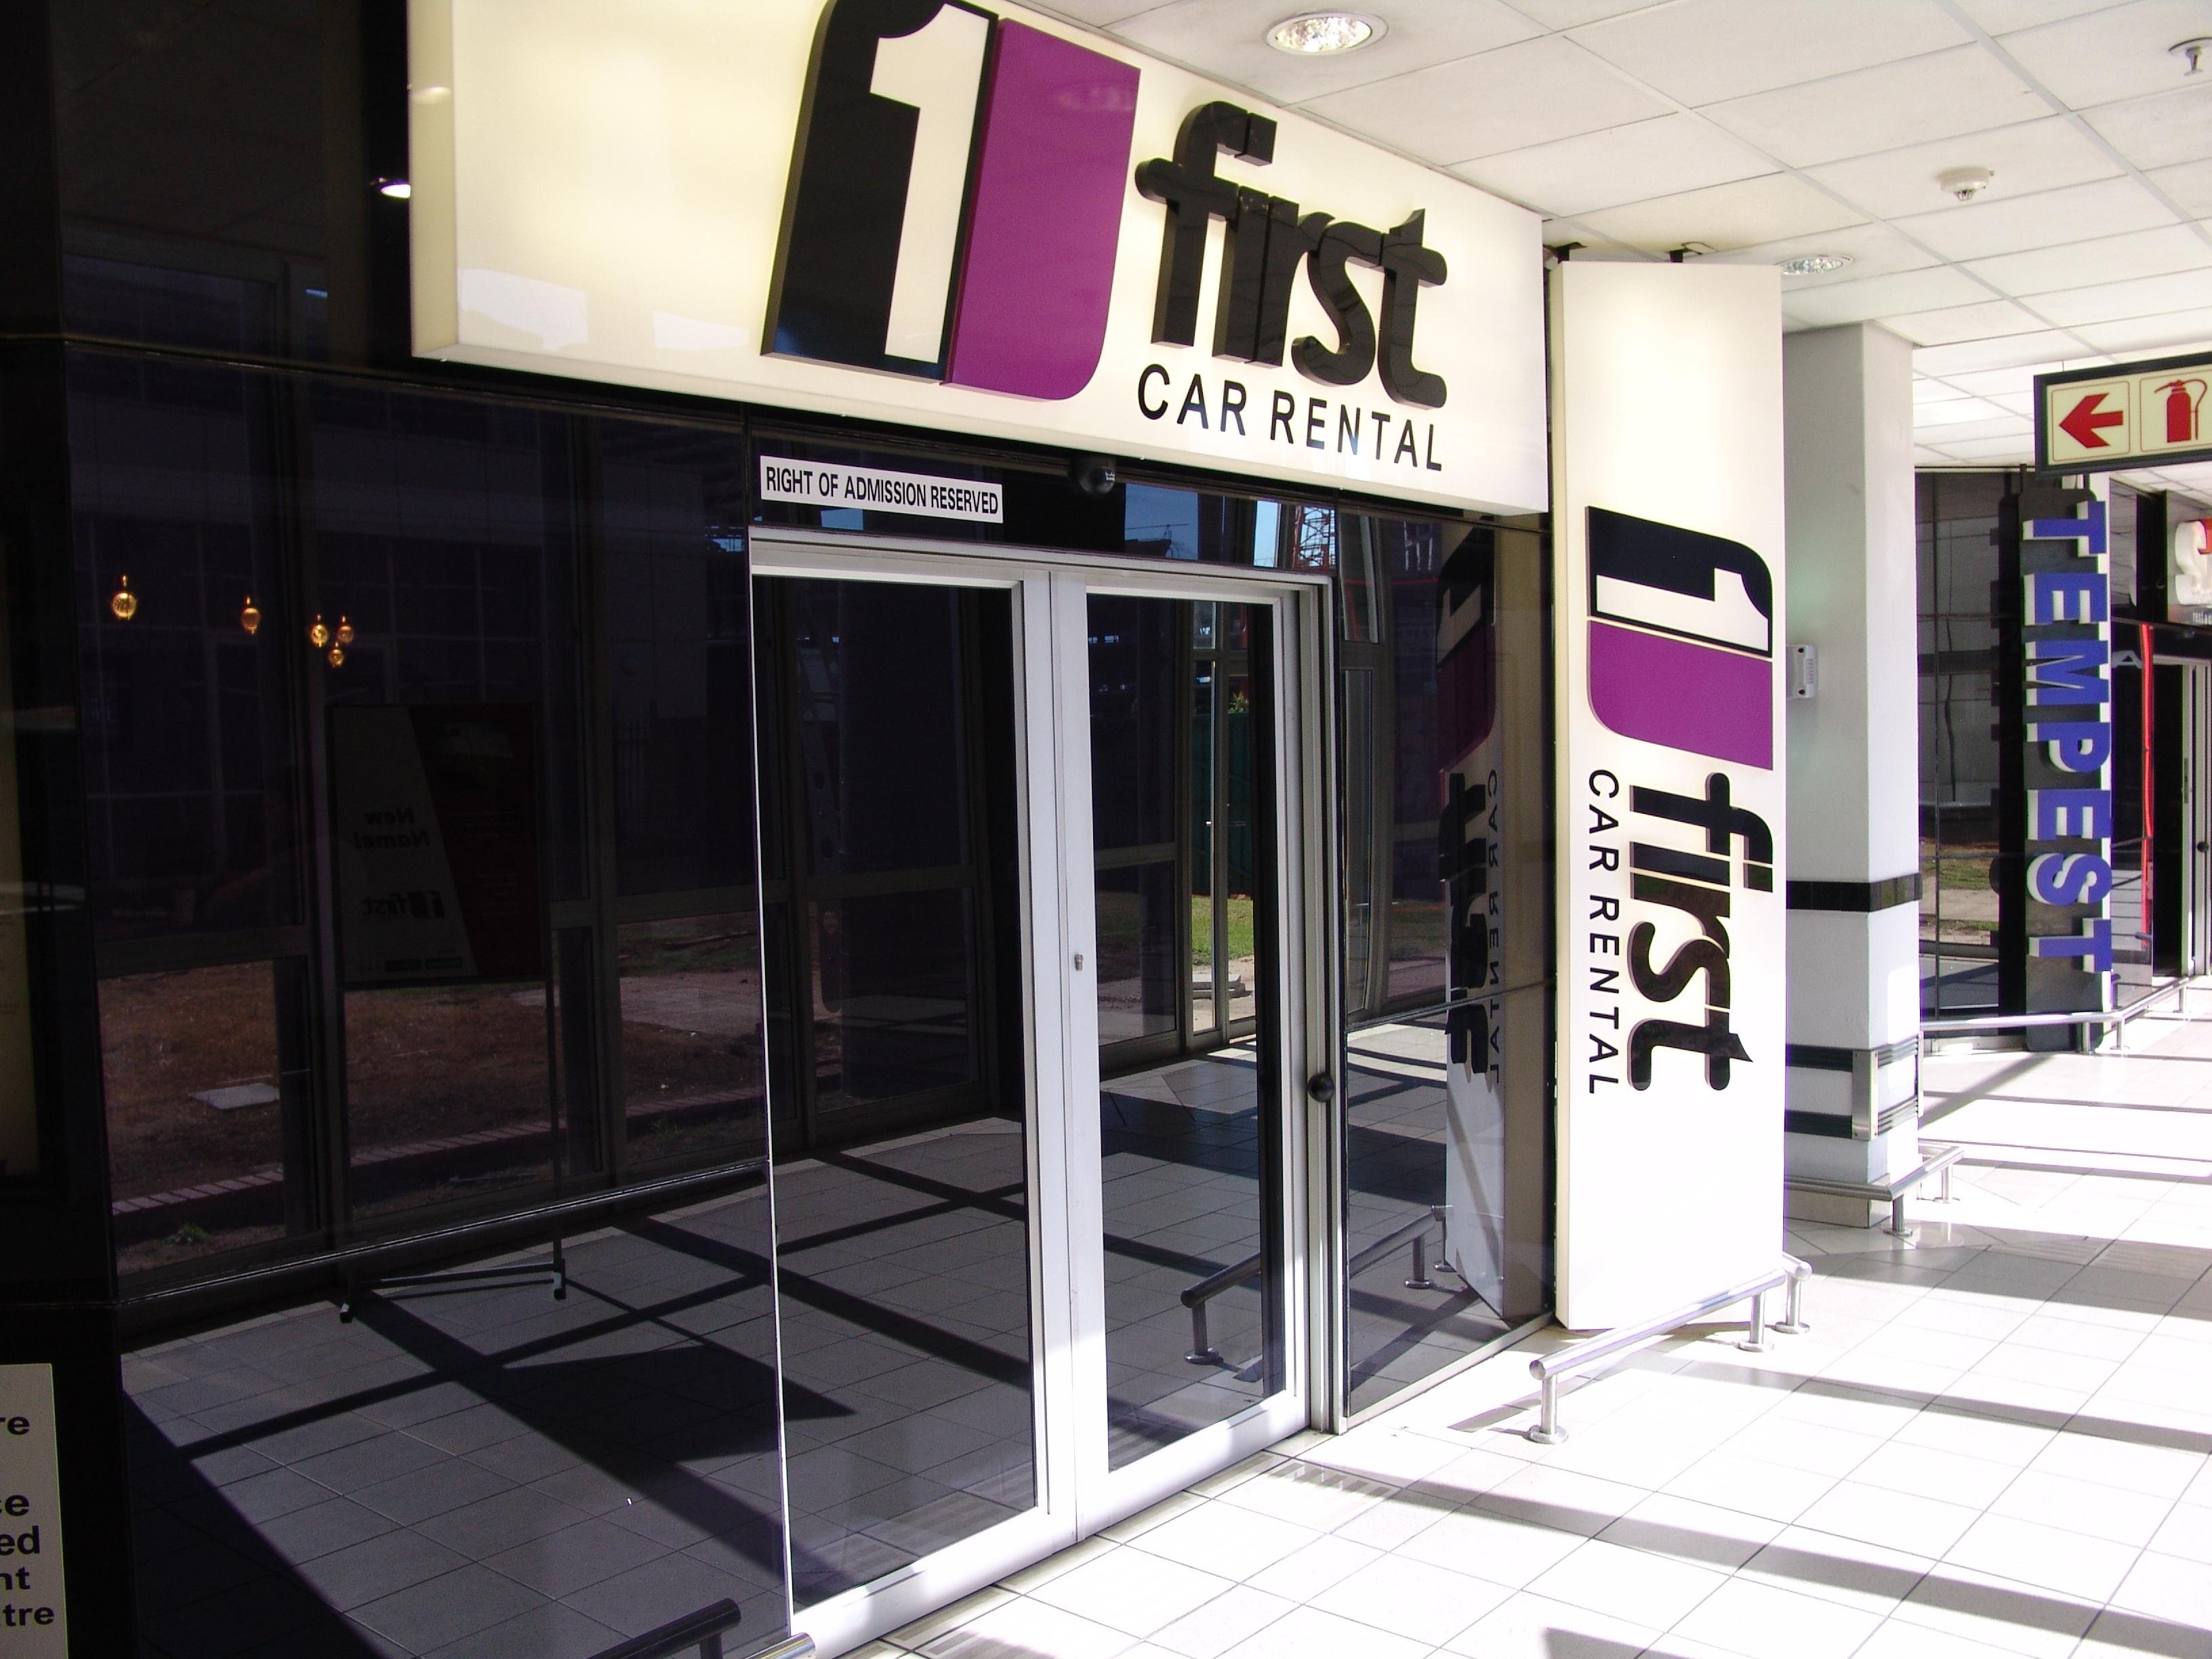 First Car Rental Mauritius - Termstool.com